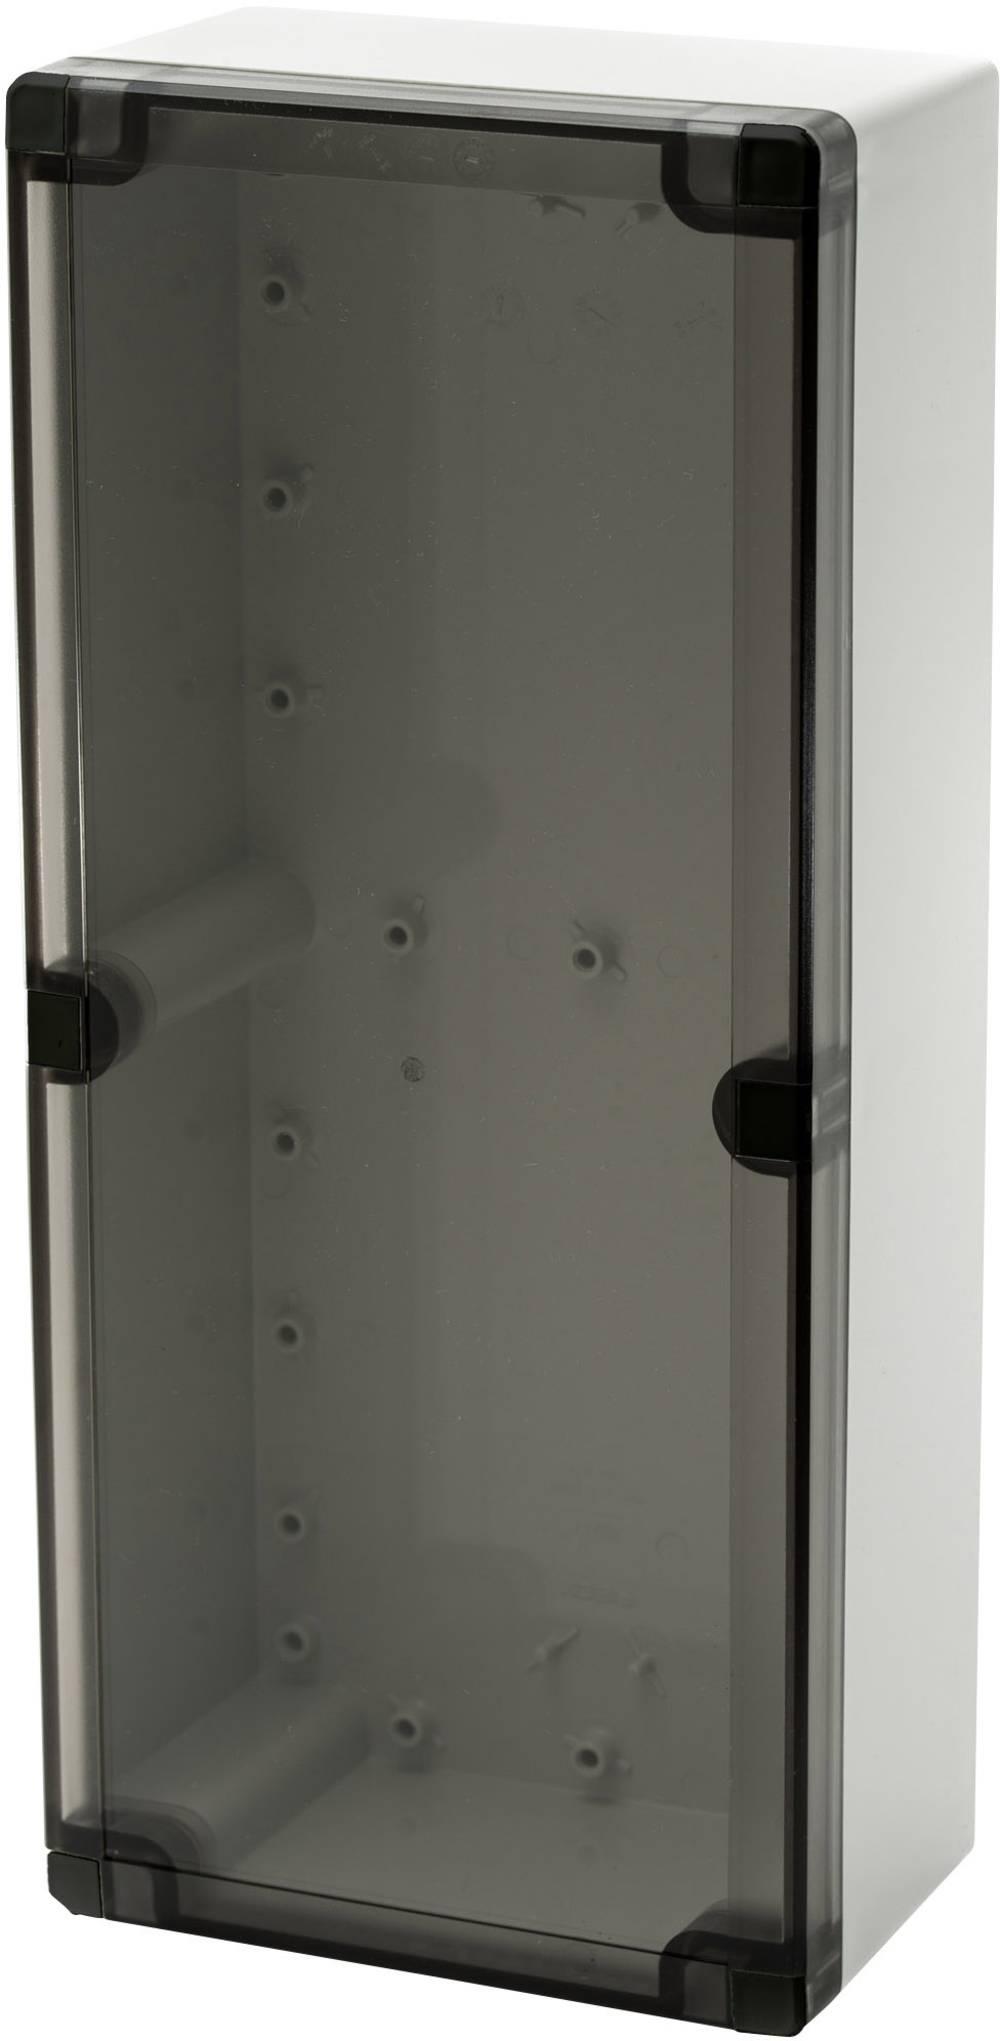 Installationskabinet Fibox EURONORD 3 PCTQ3 153410 340 x 150 x 101 Polycarbonat 1 stk